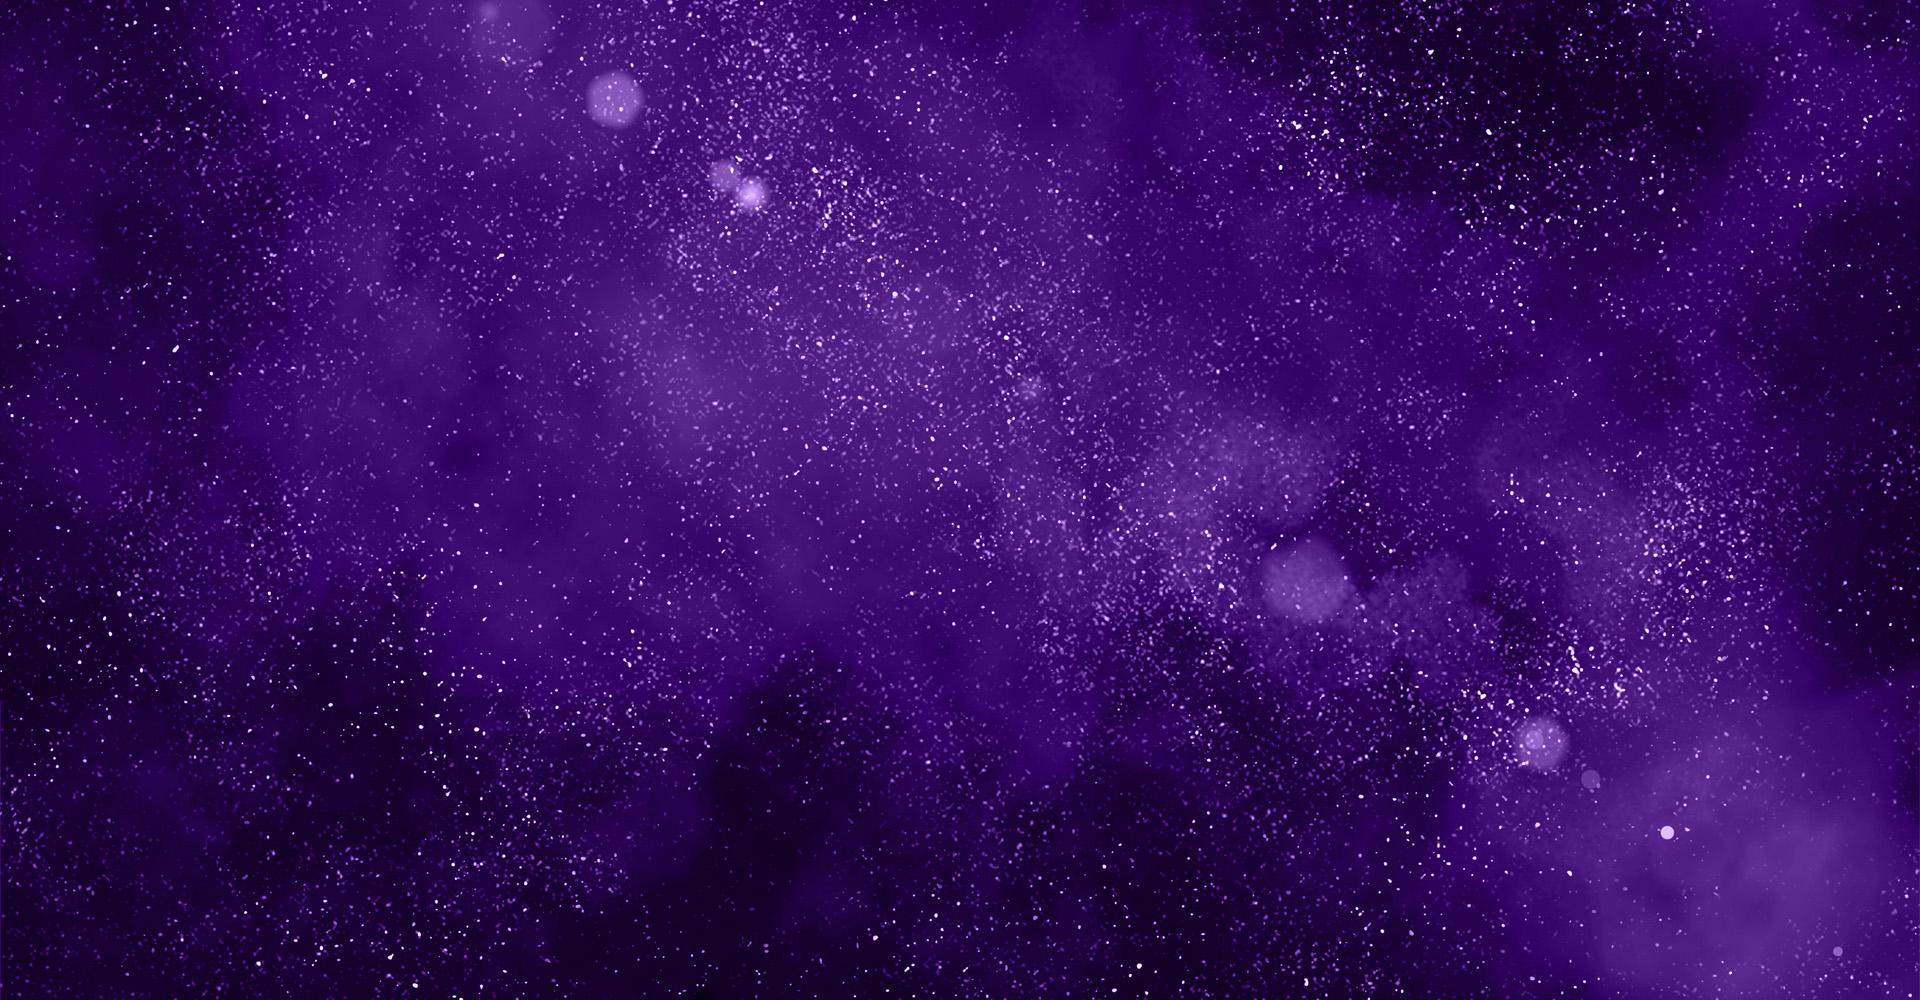 purple starry sky wallpaper